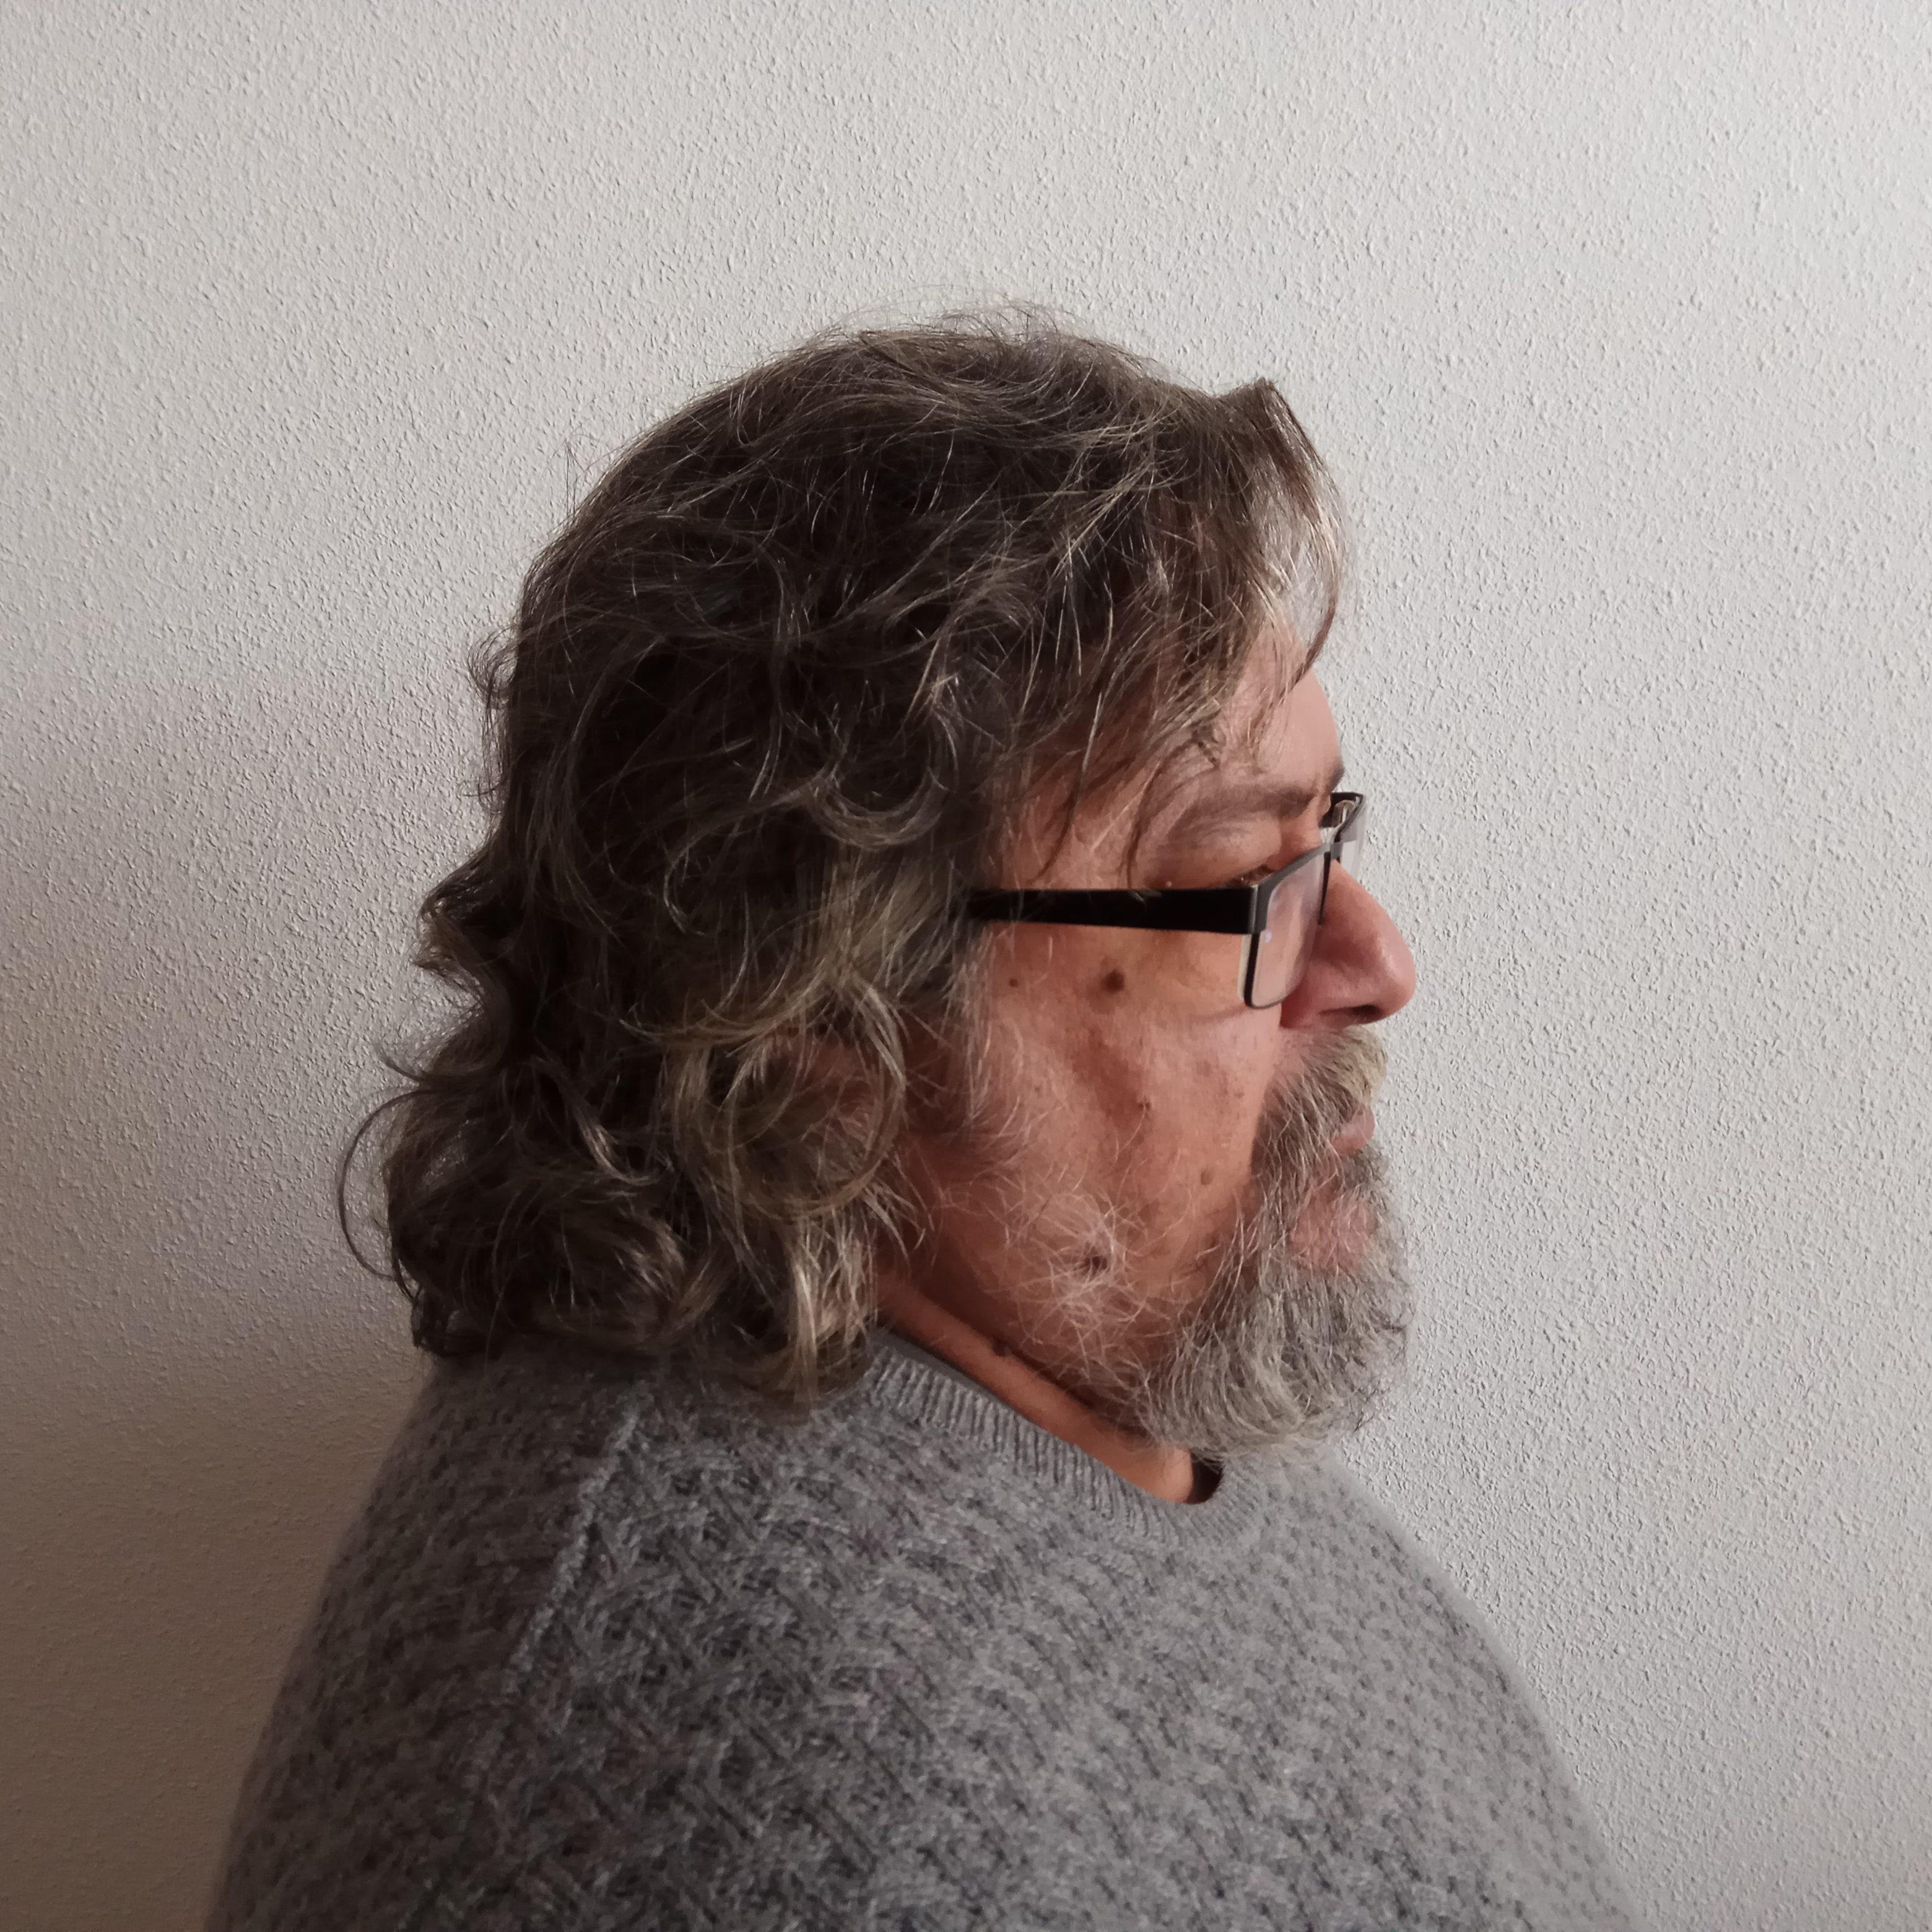 Javier Viñuela